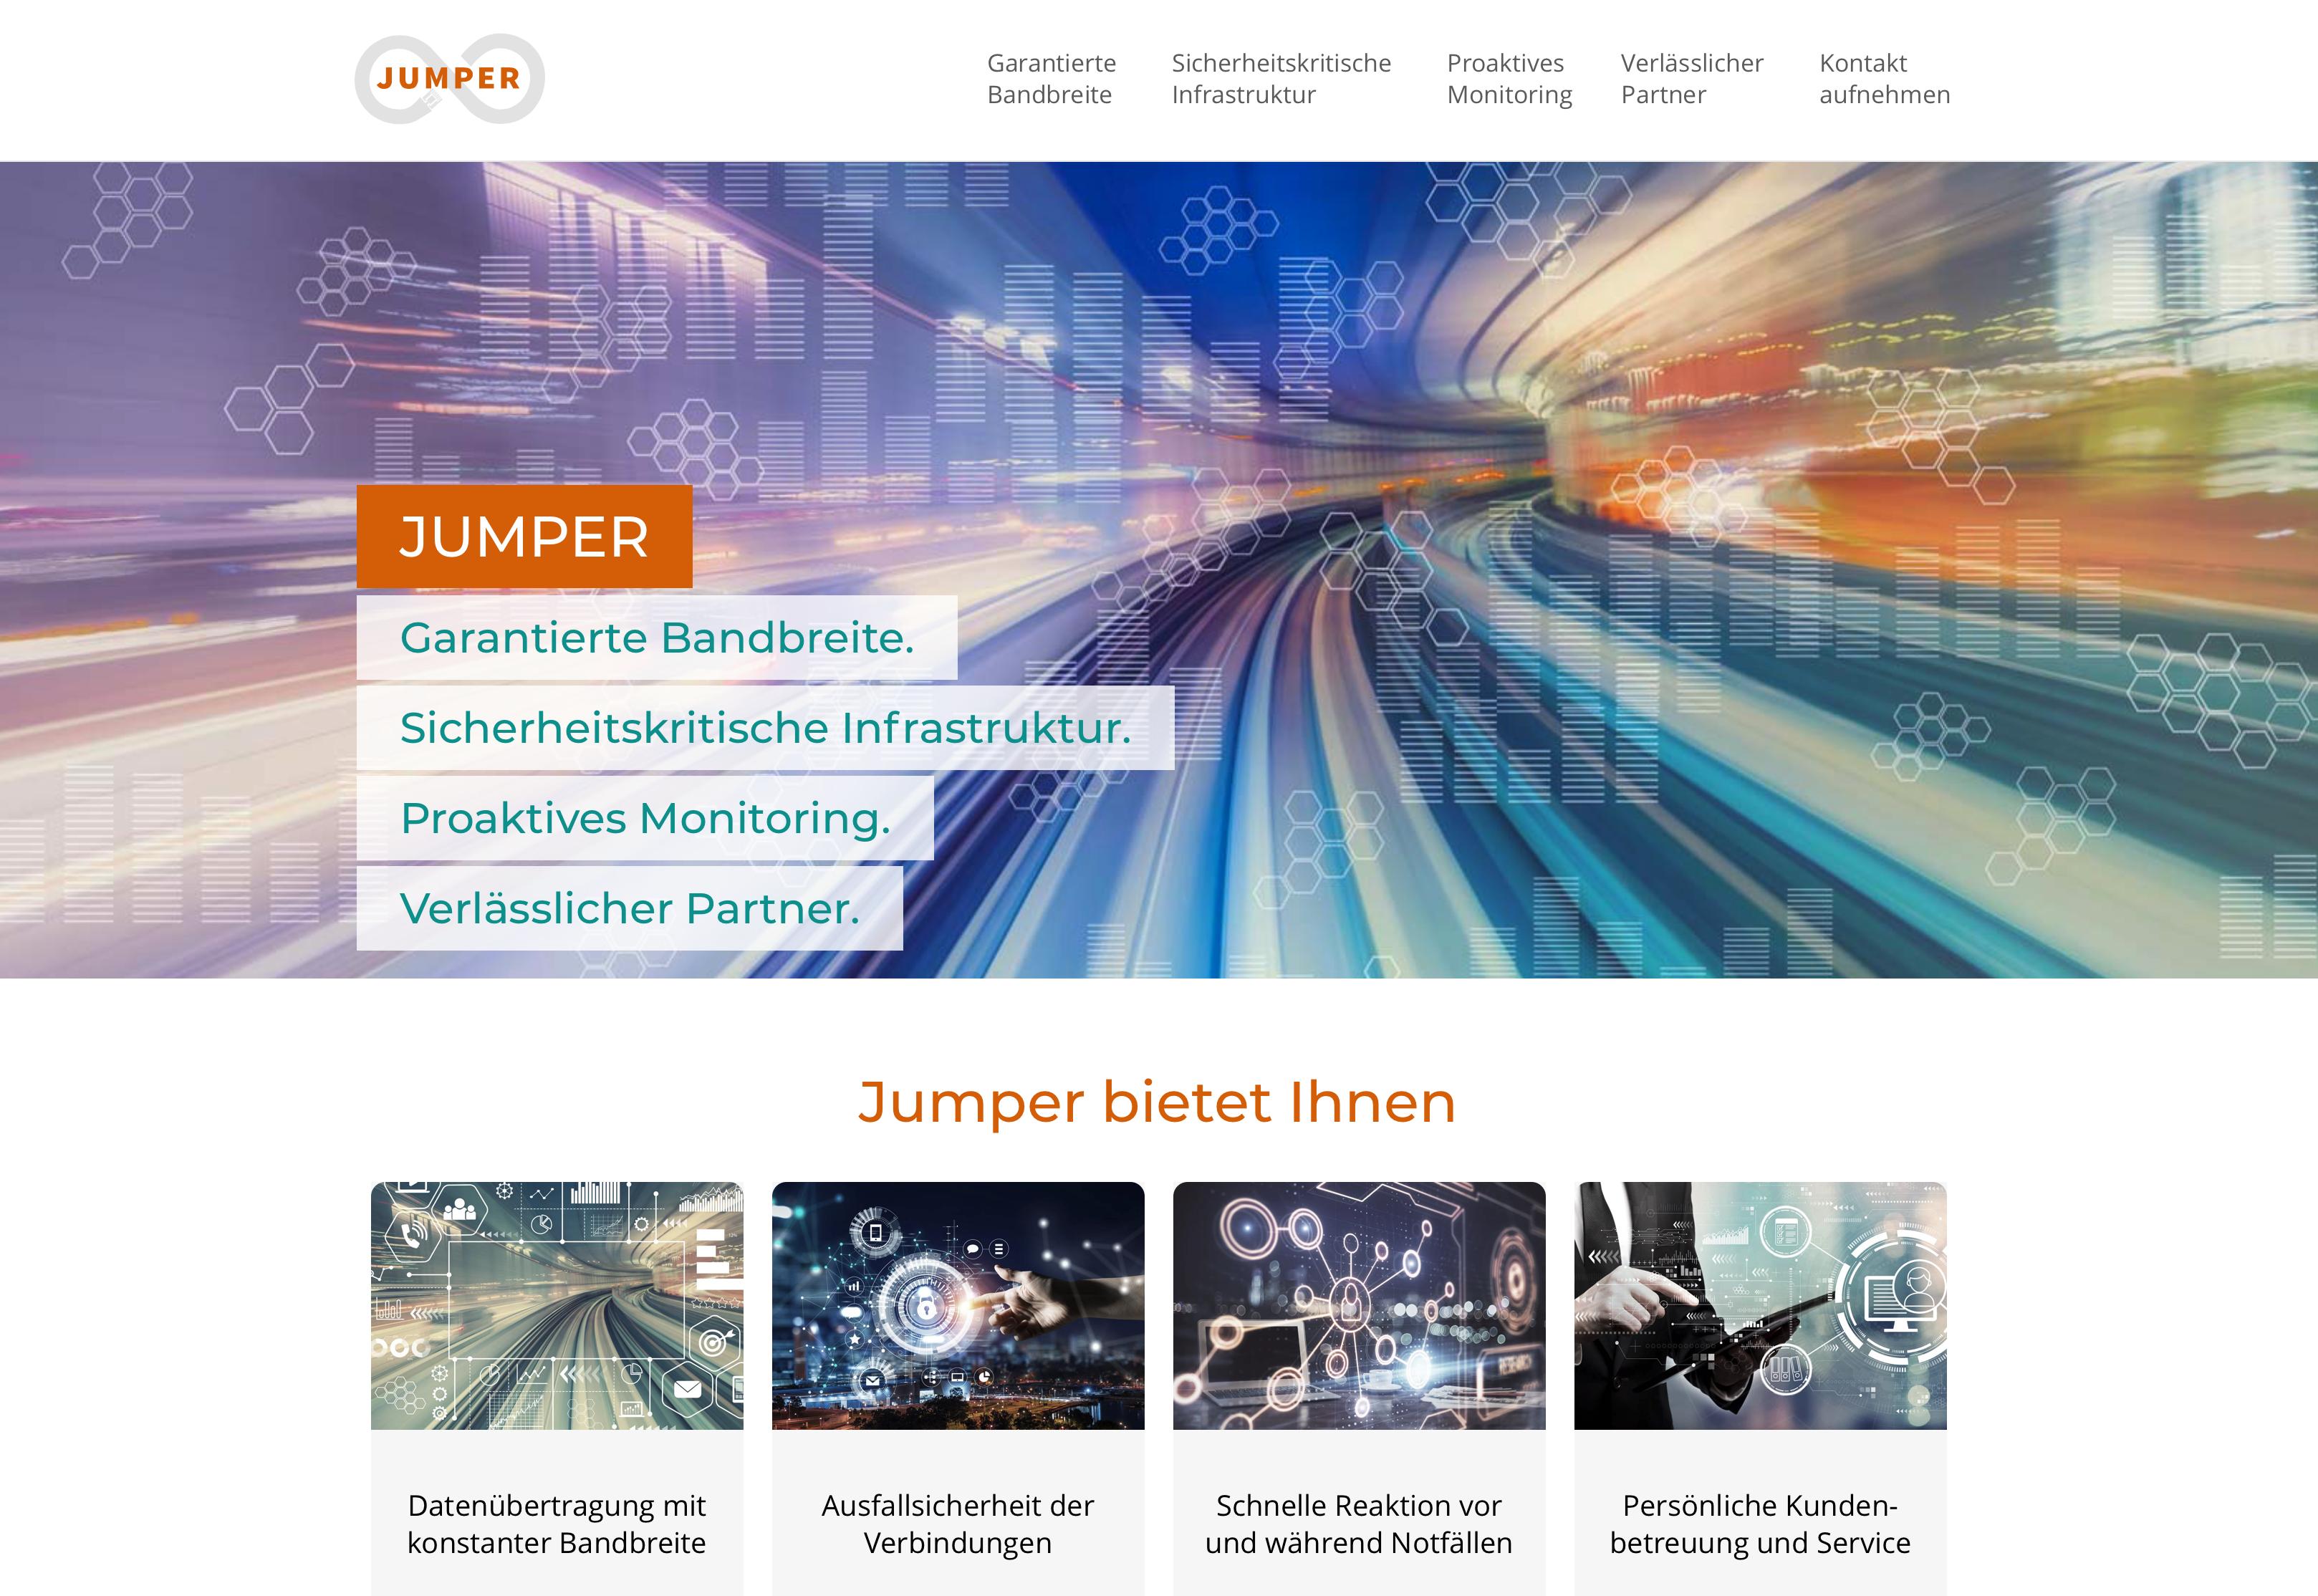 Bildschirmfoto 2020 06 15 um 09.54.42 - Kunde im Fokus - Jumper